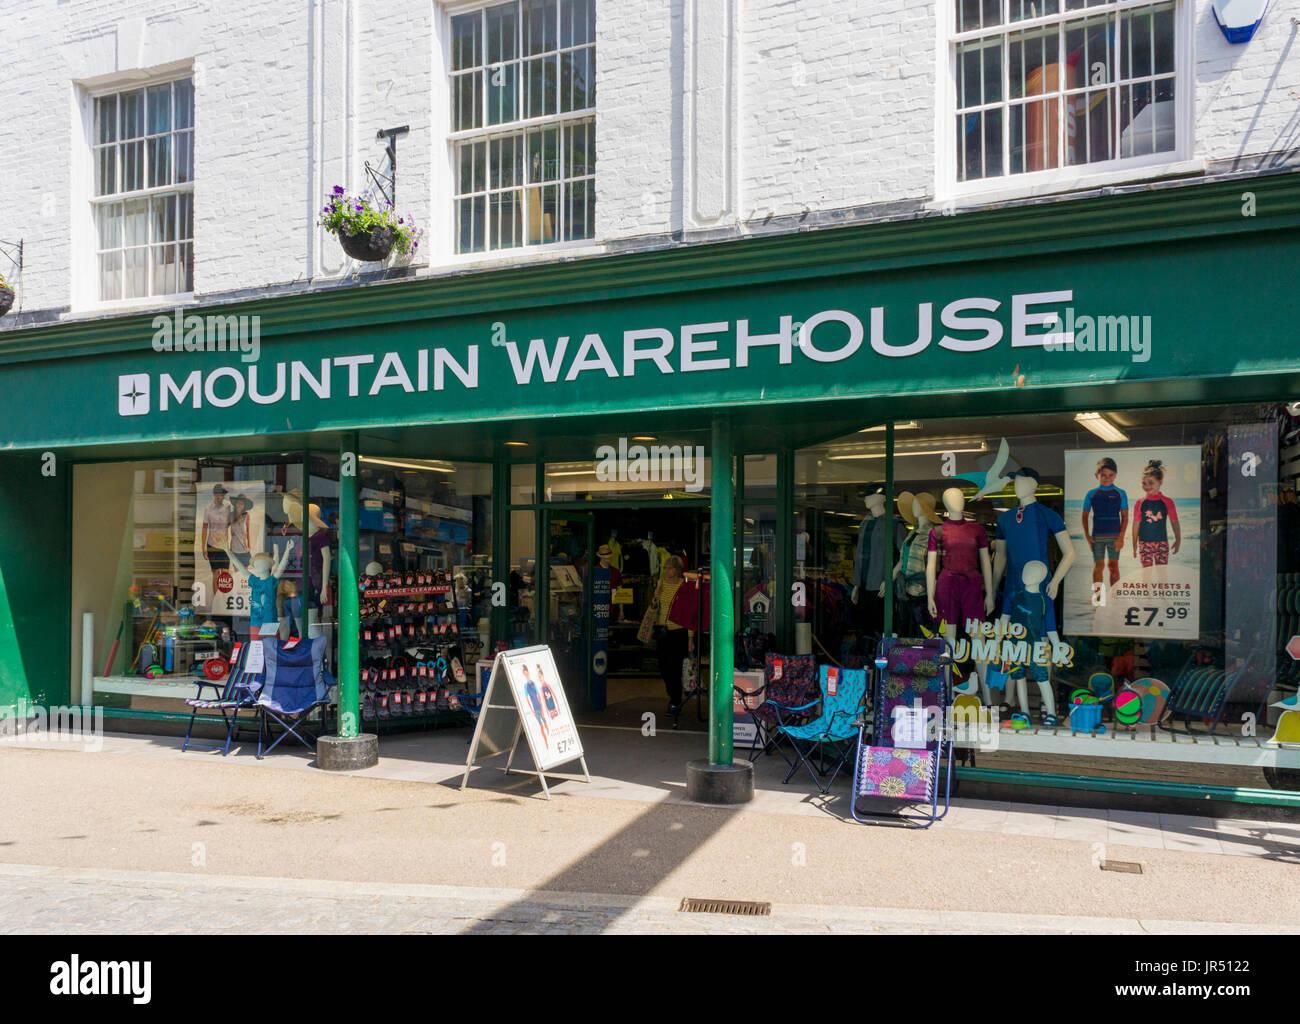 Magasin-entrepôt de montagne, England, UK Photo Stock